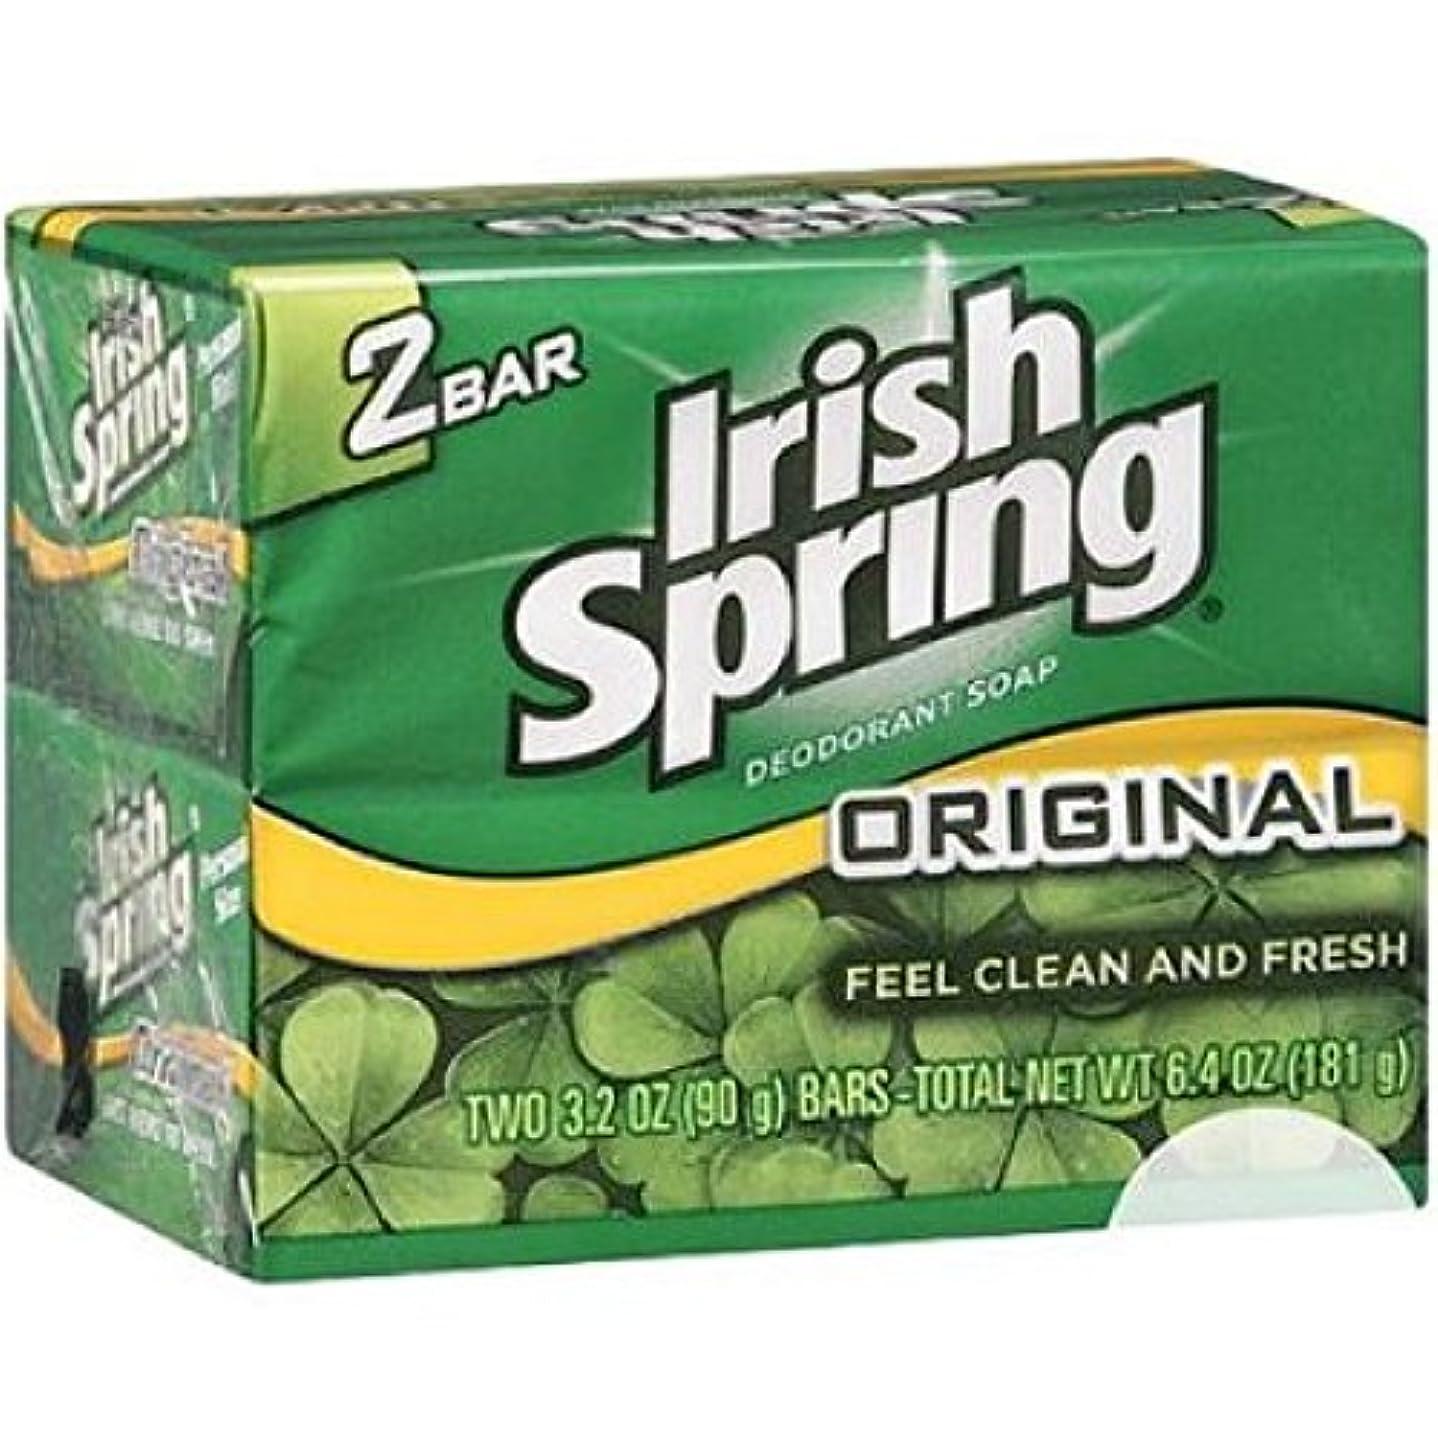 腐敗した抹消落胆するIrish Spring オリジナルデオドラント石鹸、3.20オズバー、2 Eaは 8パック